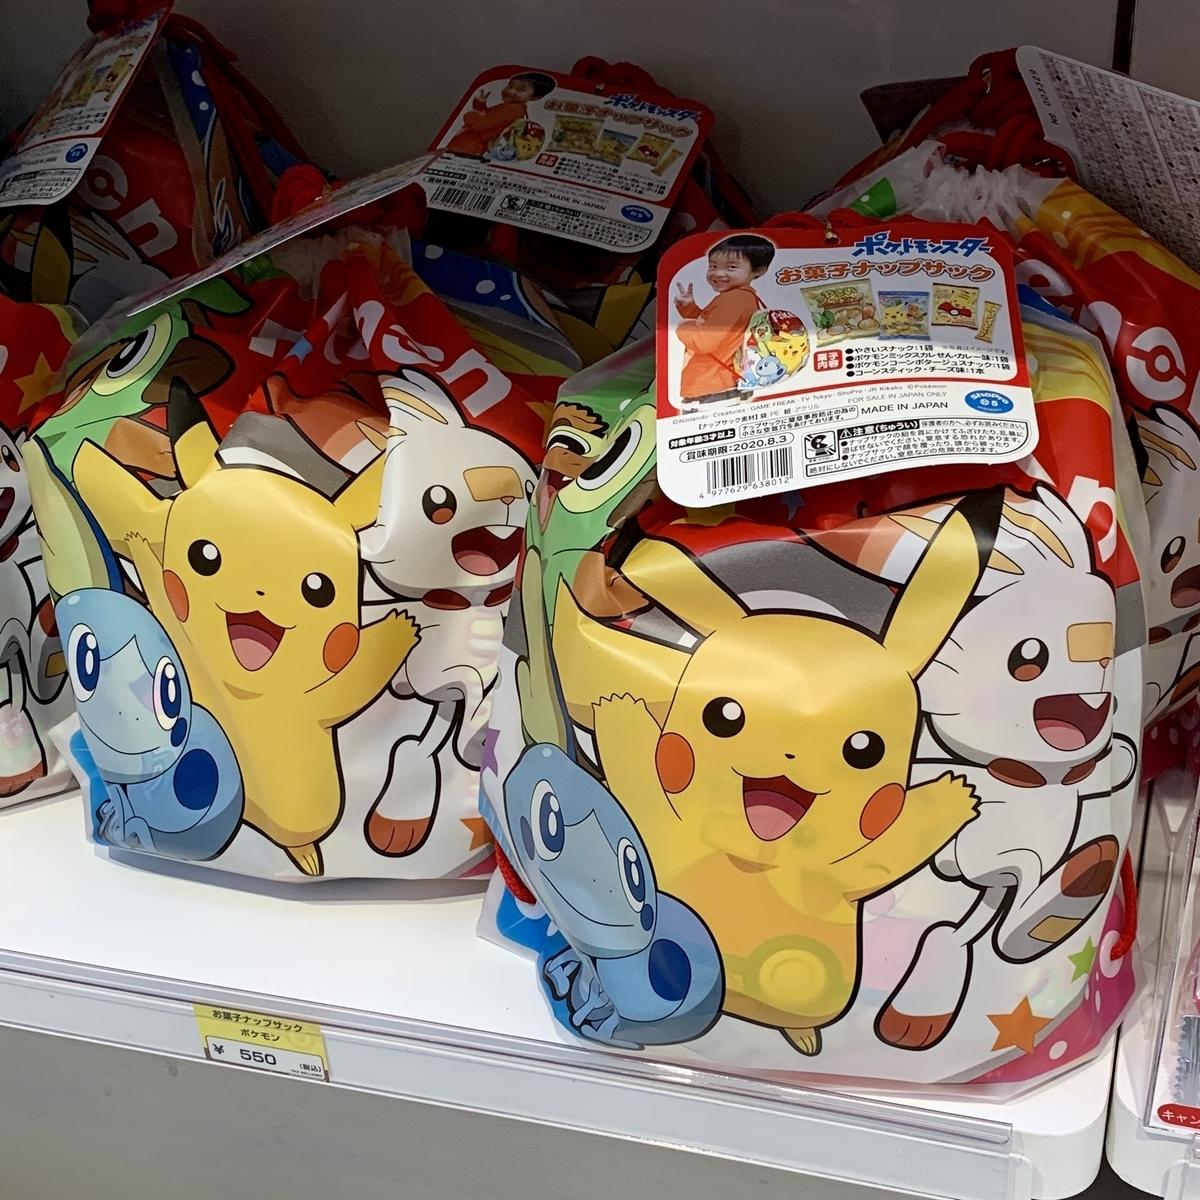 f:id:pikachu_pcn:20200321002512j:plain